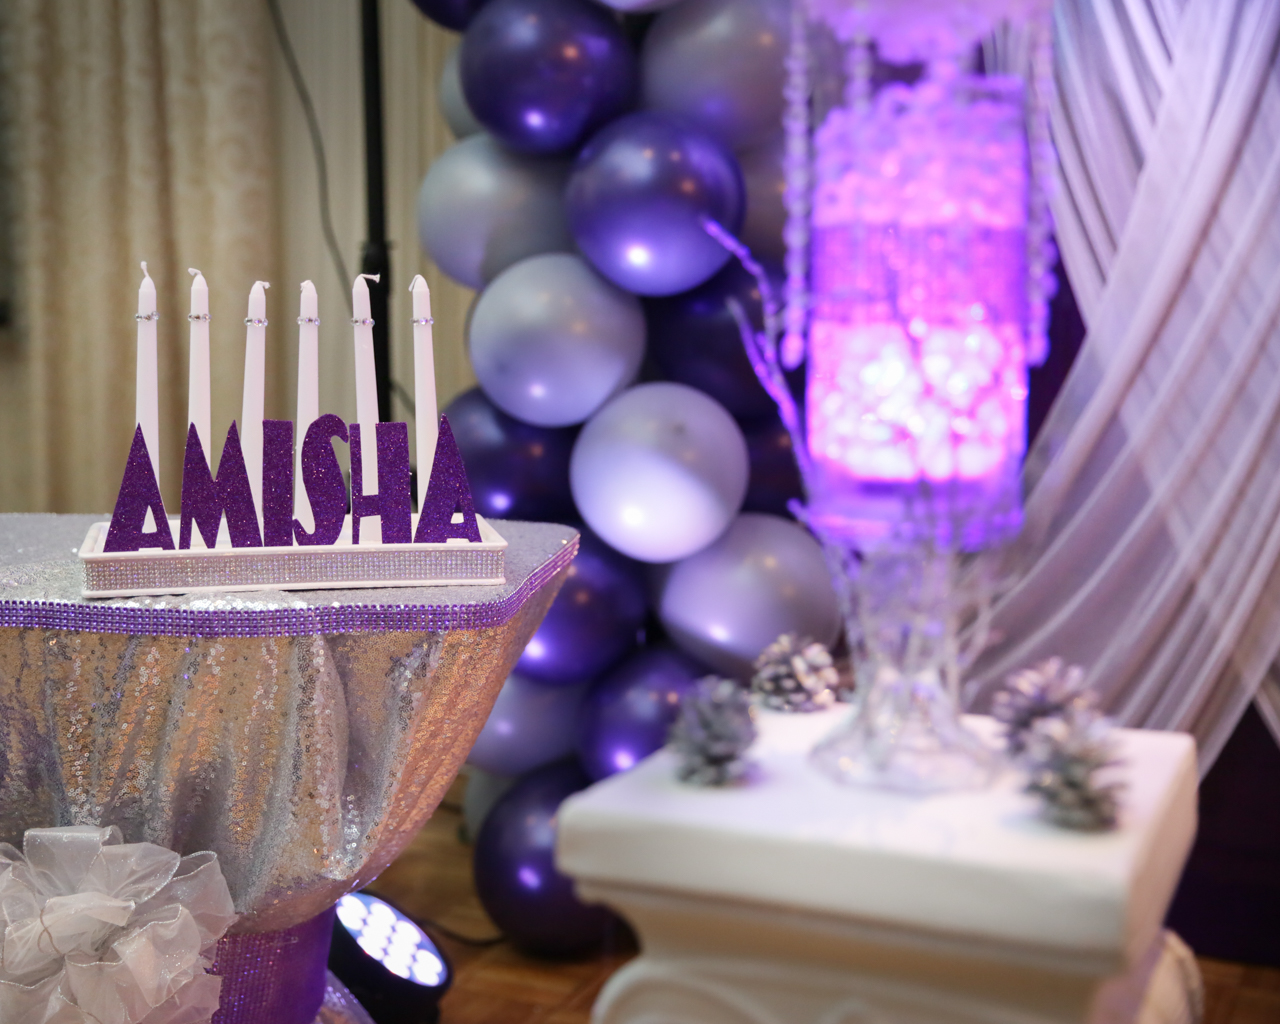 Amisha-Web-4